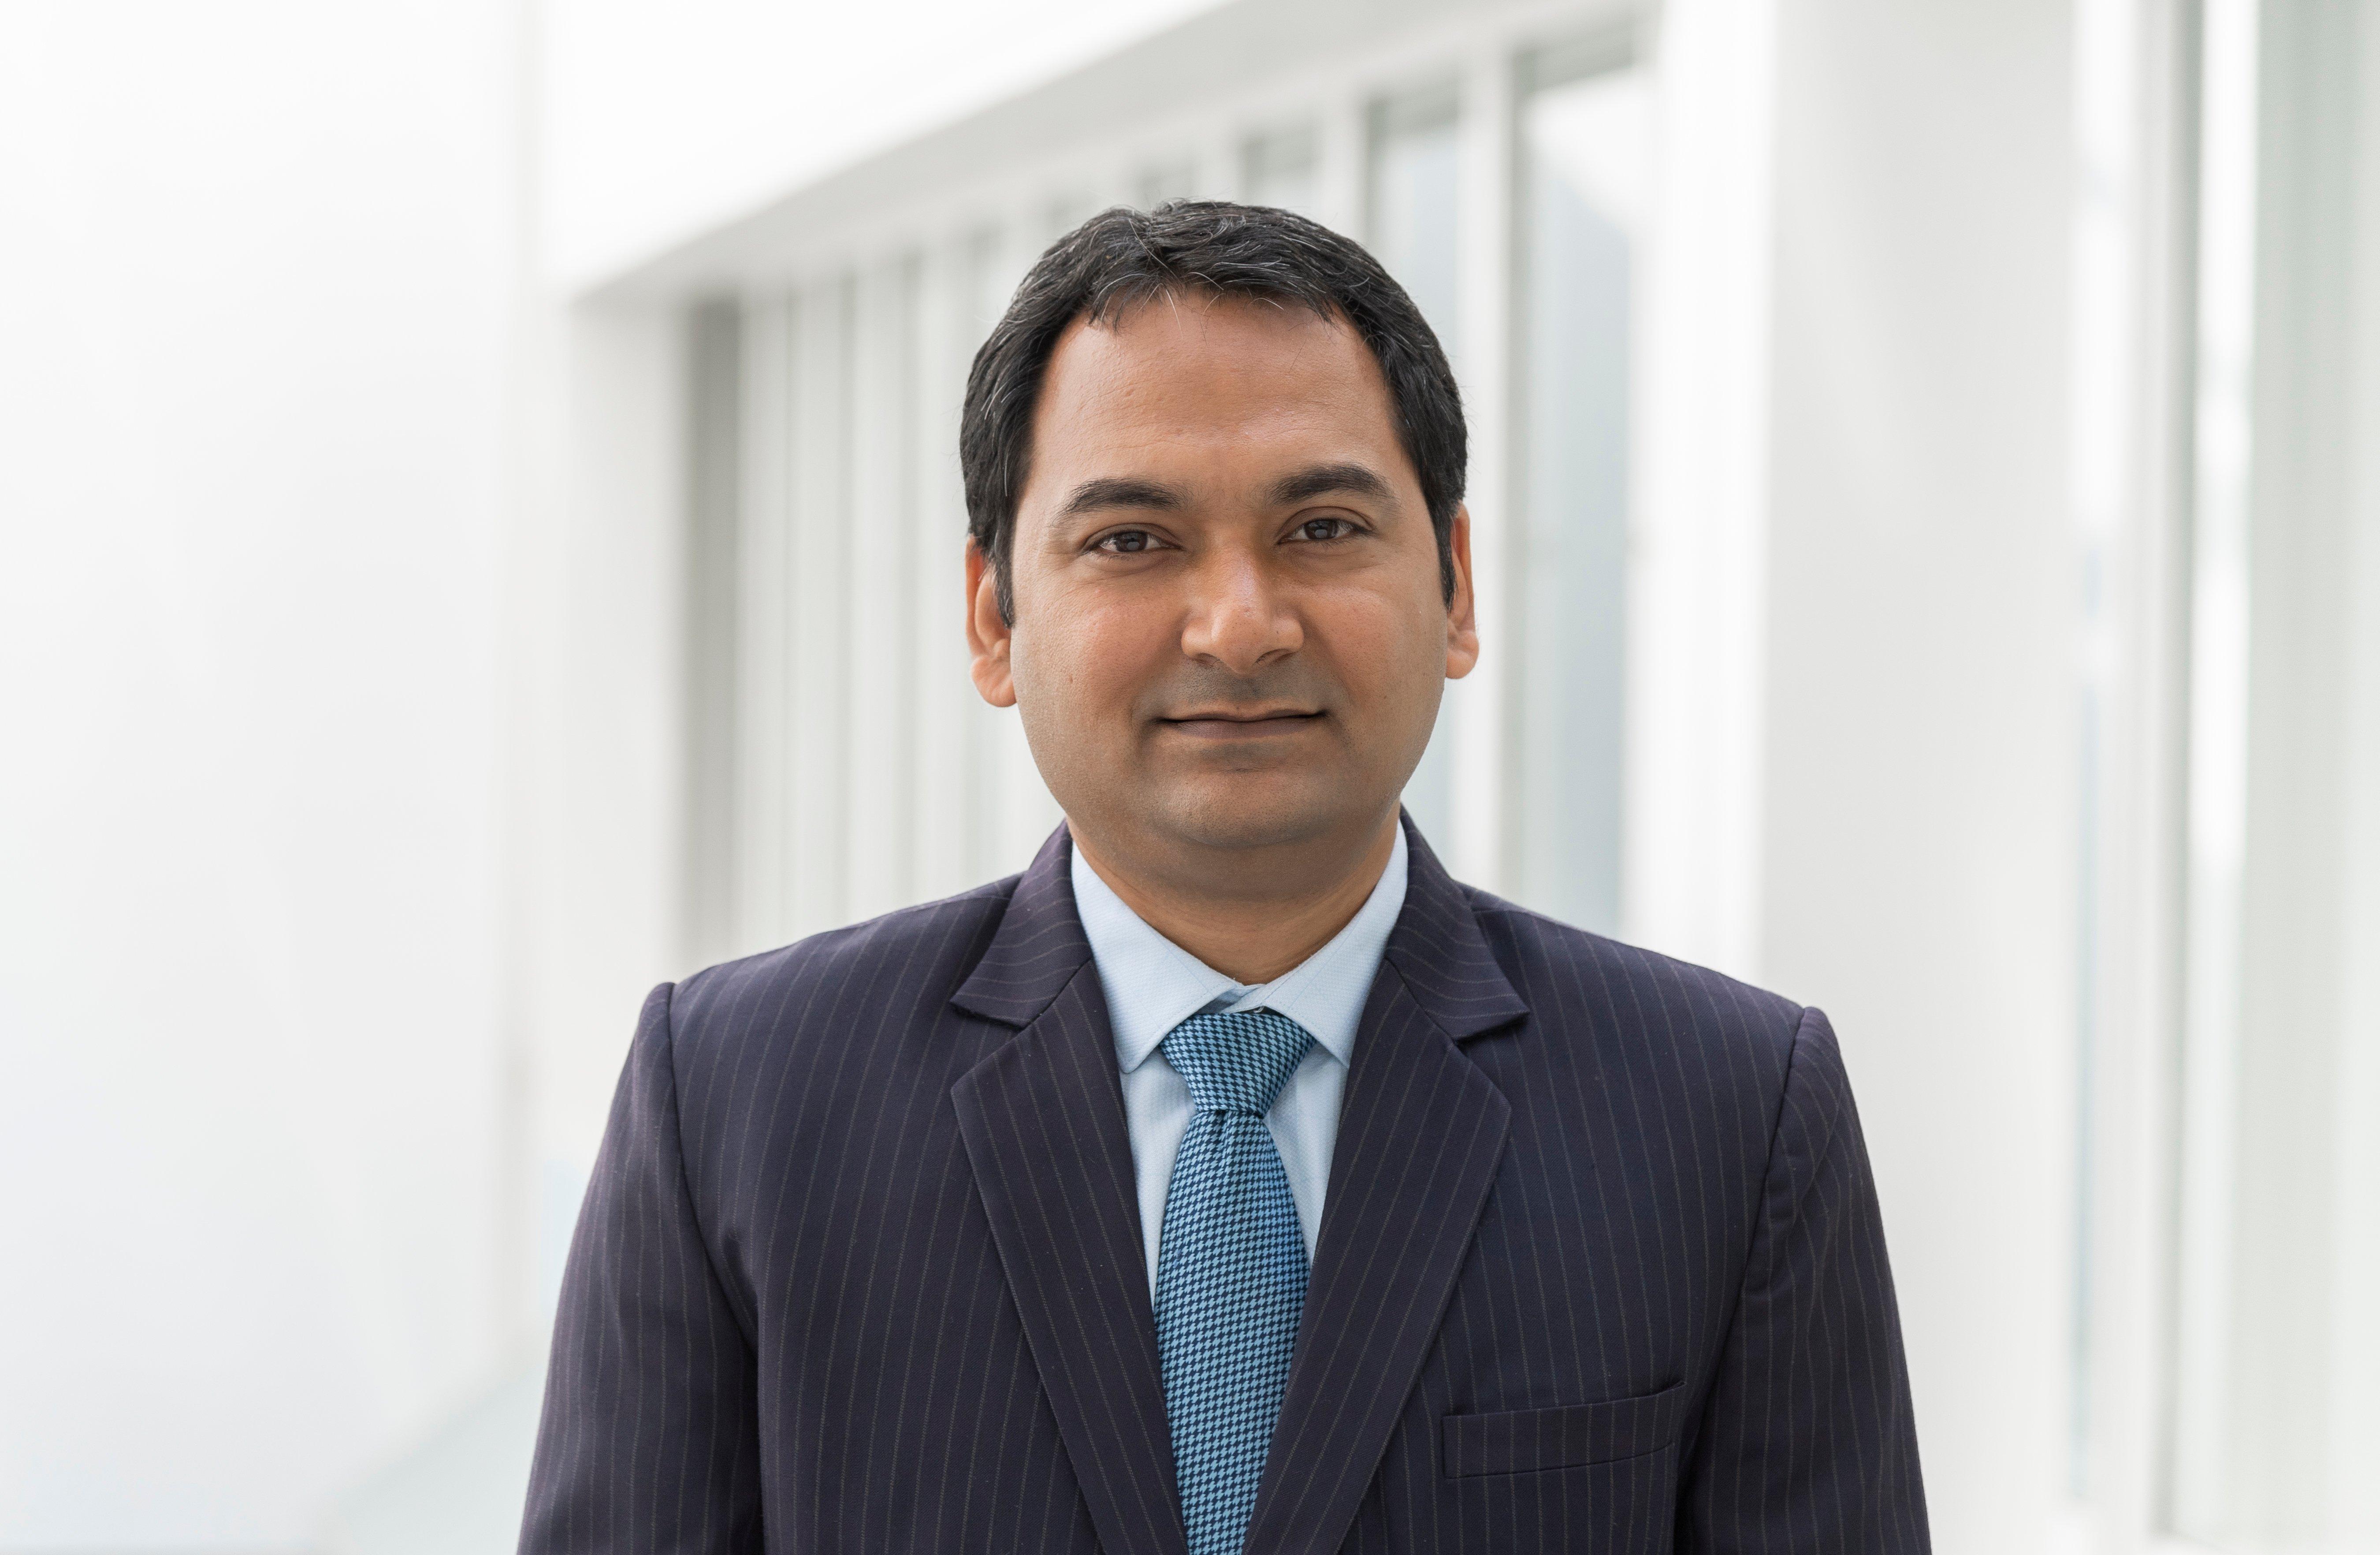 Maninder Jit Singh